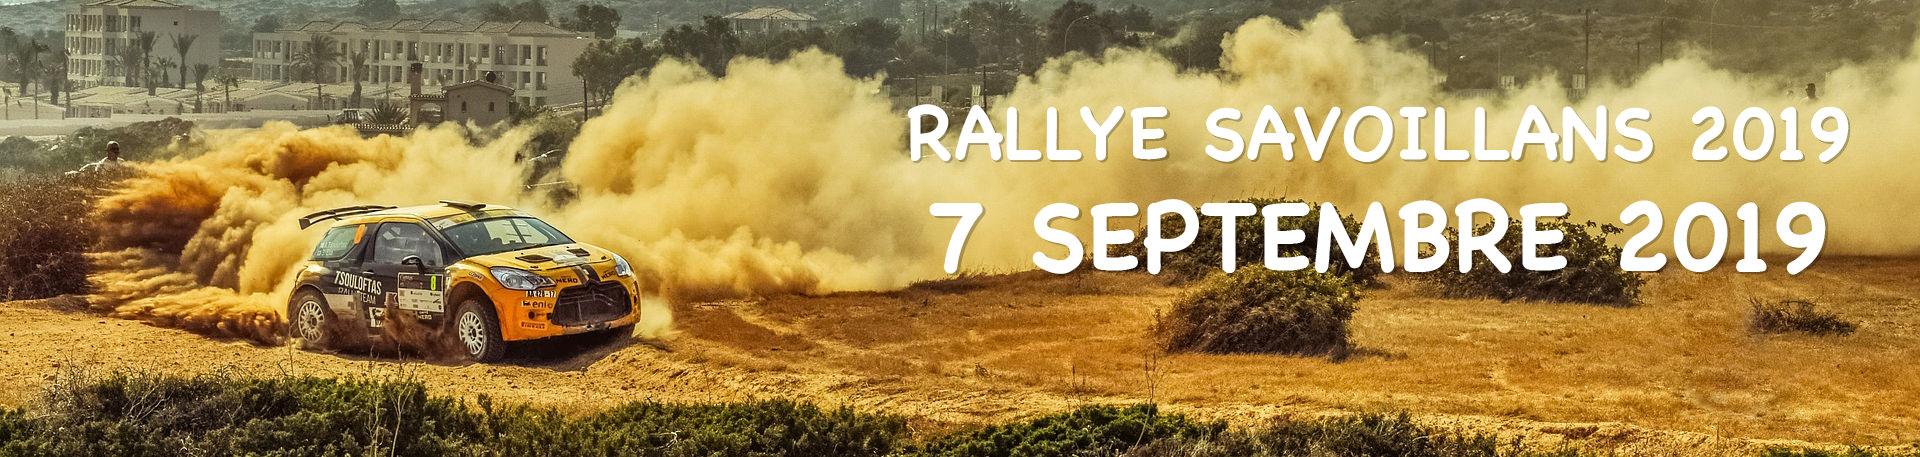 Rallye savoillans 2019